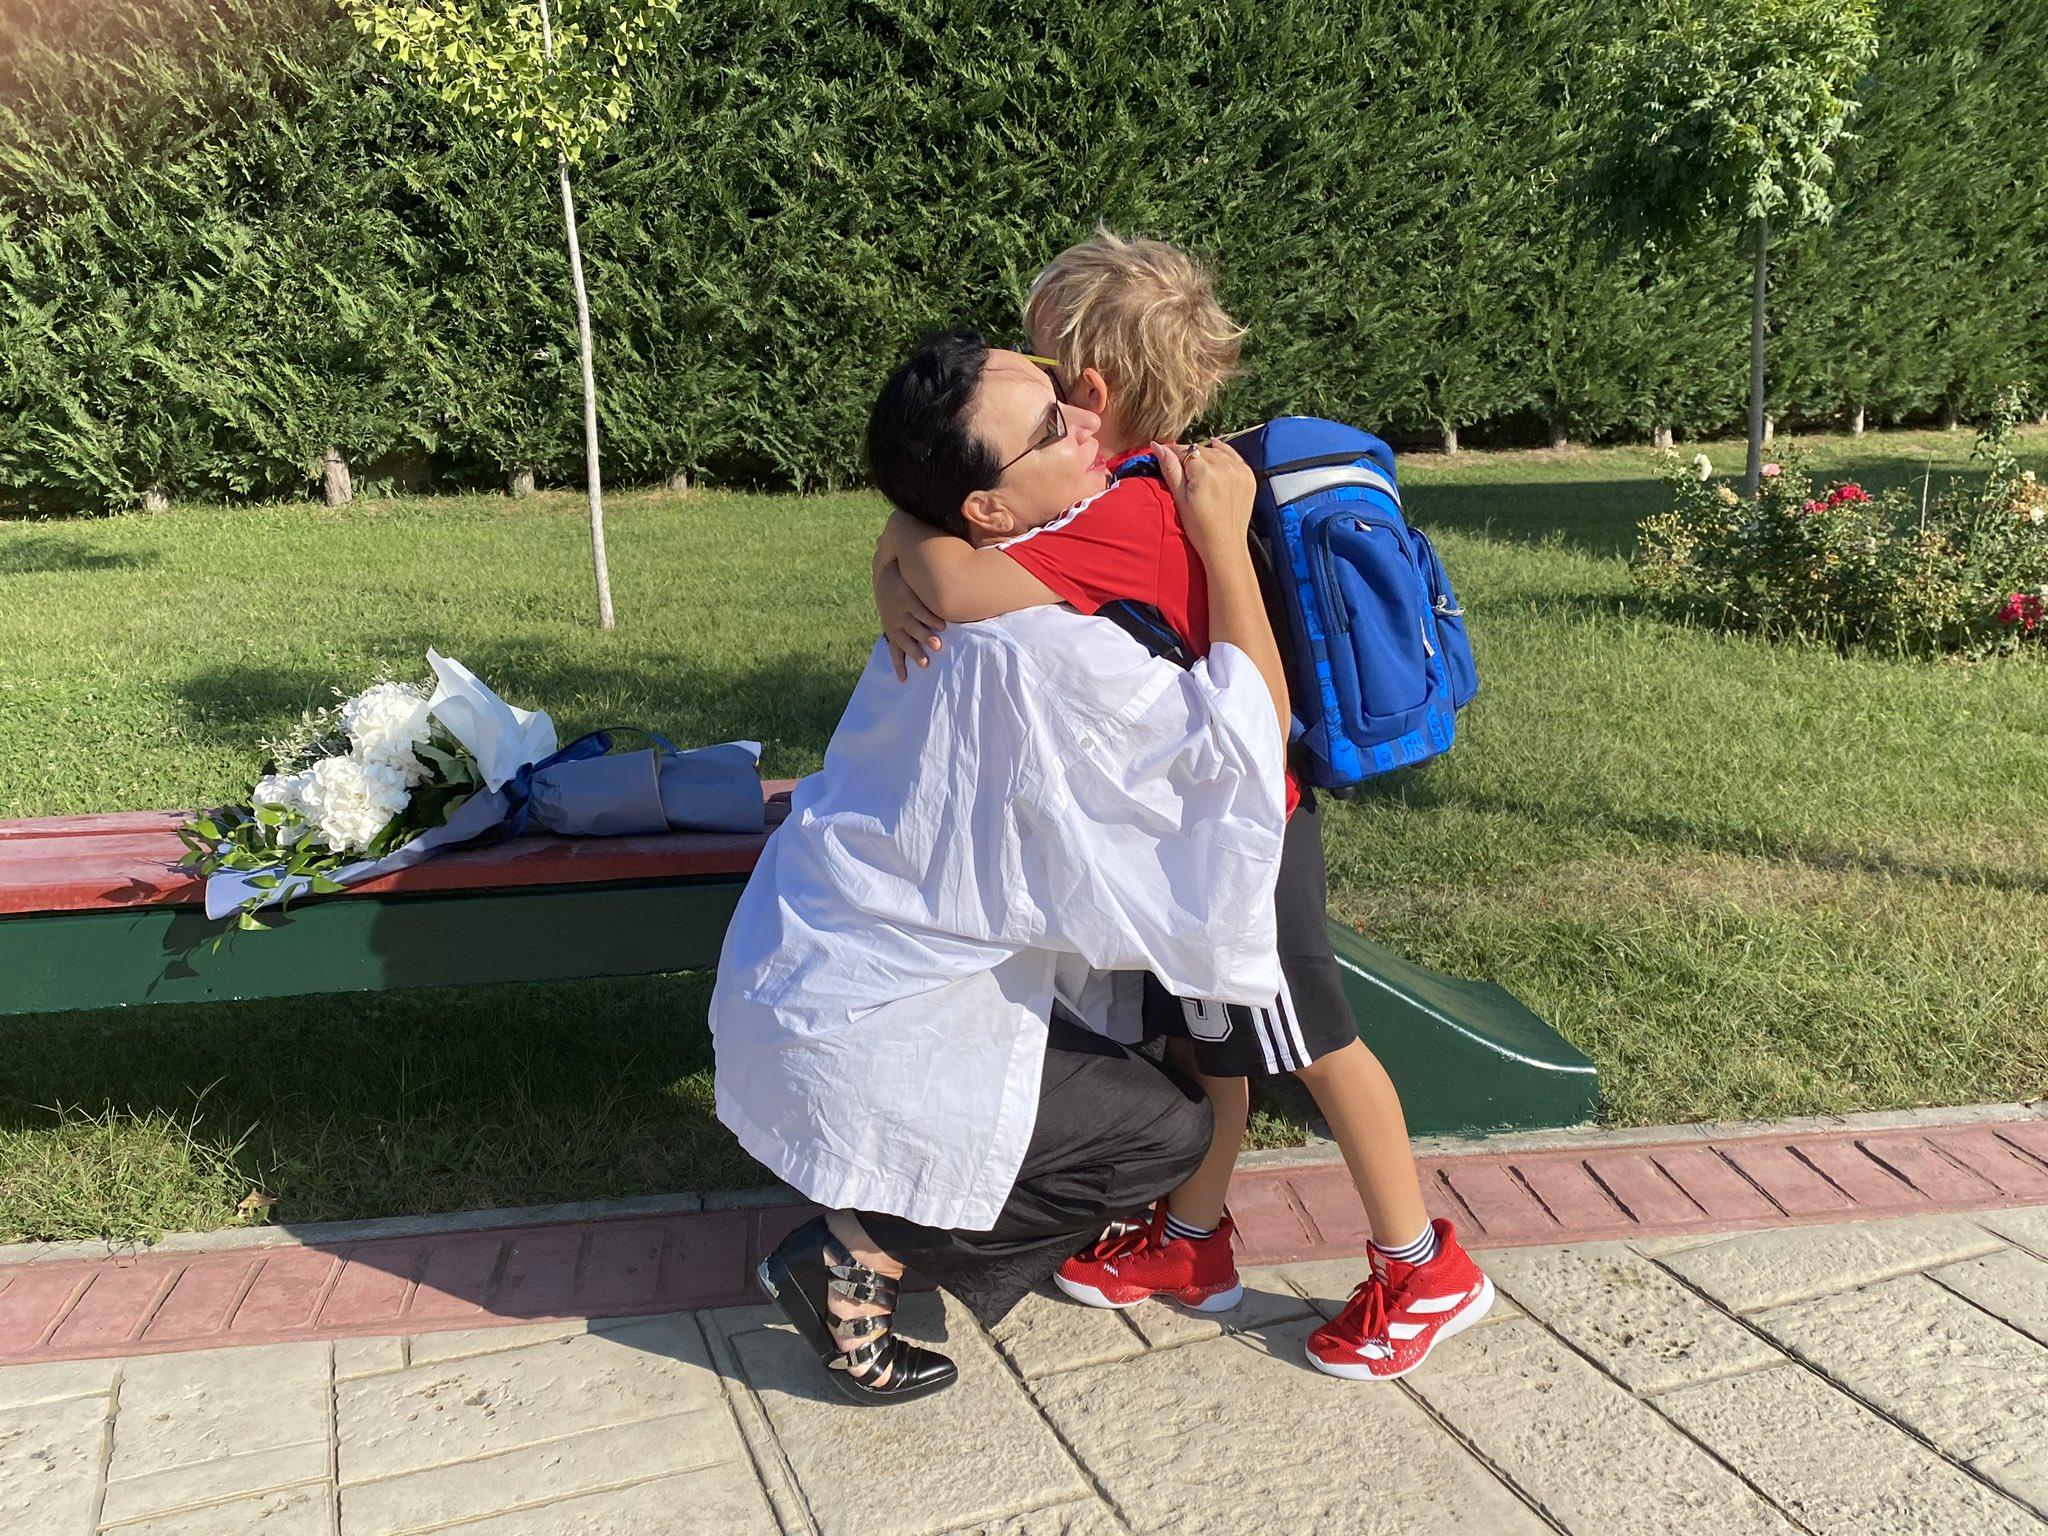 FOTO/ Zaho shkon për herë të parë në shkollë, dhurata për mësuesen